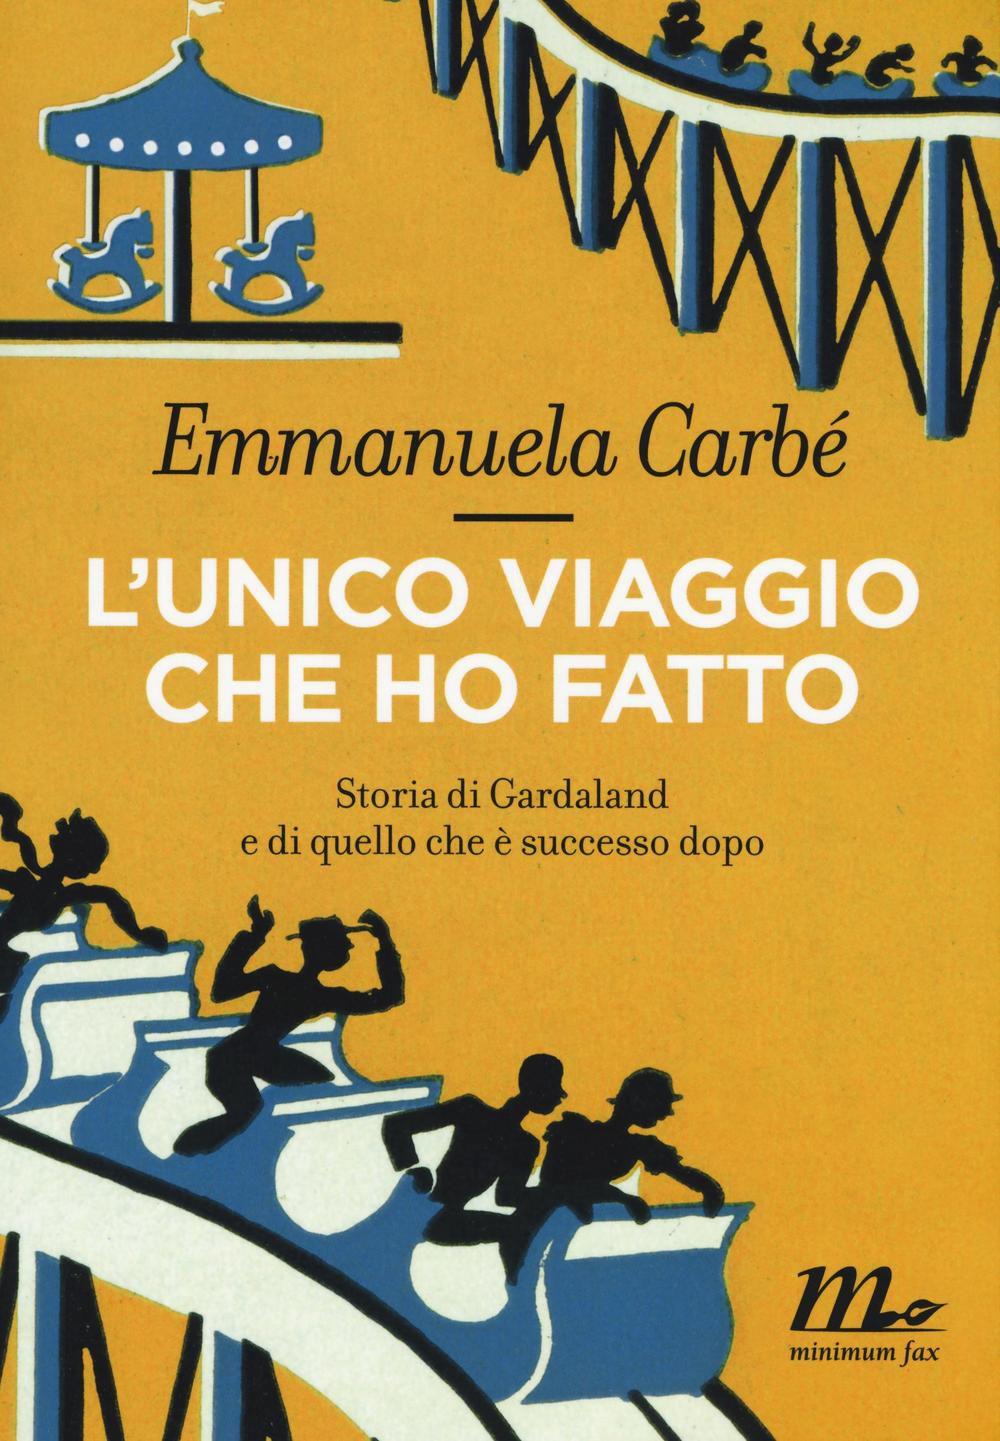 Abbiamo intervistato Emmanuela Carbé, autrice di un libro-reportage nel passato: nella sua Verona anni '80, da Gardaland ai luoghi che ama della città